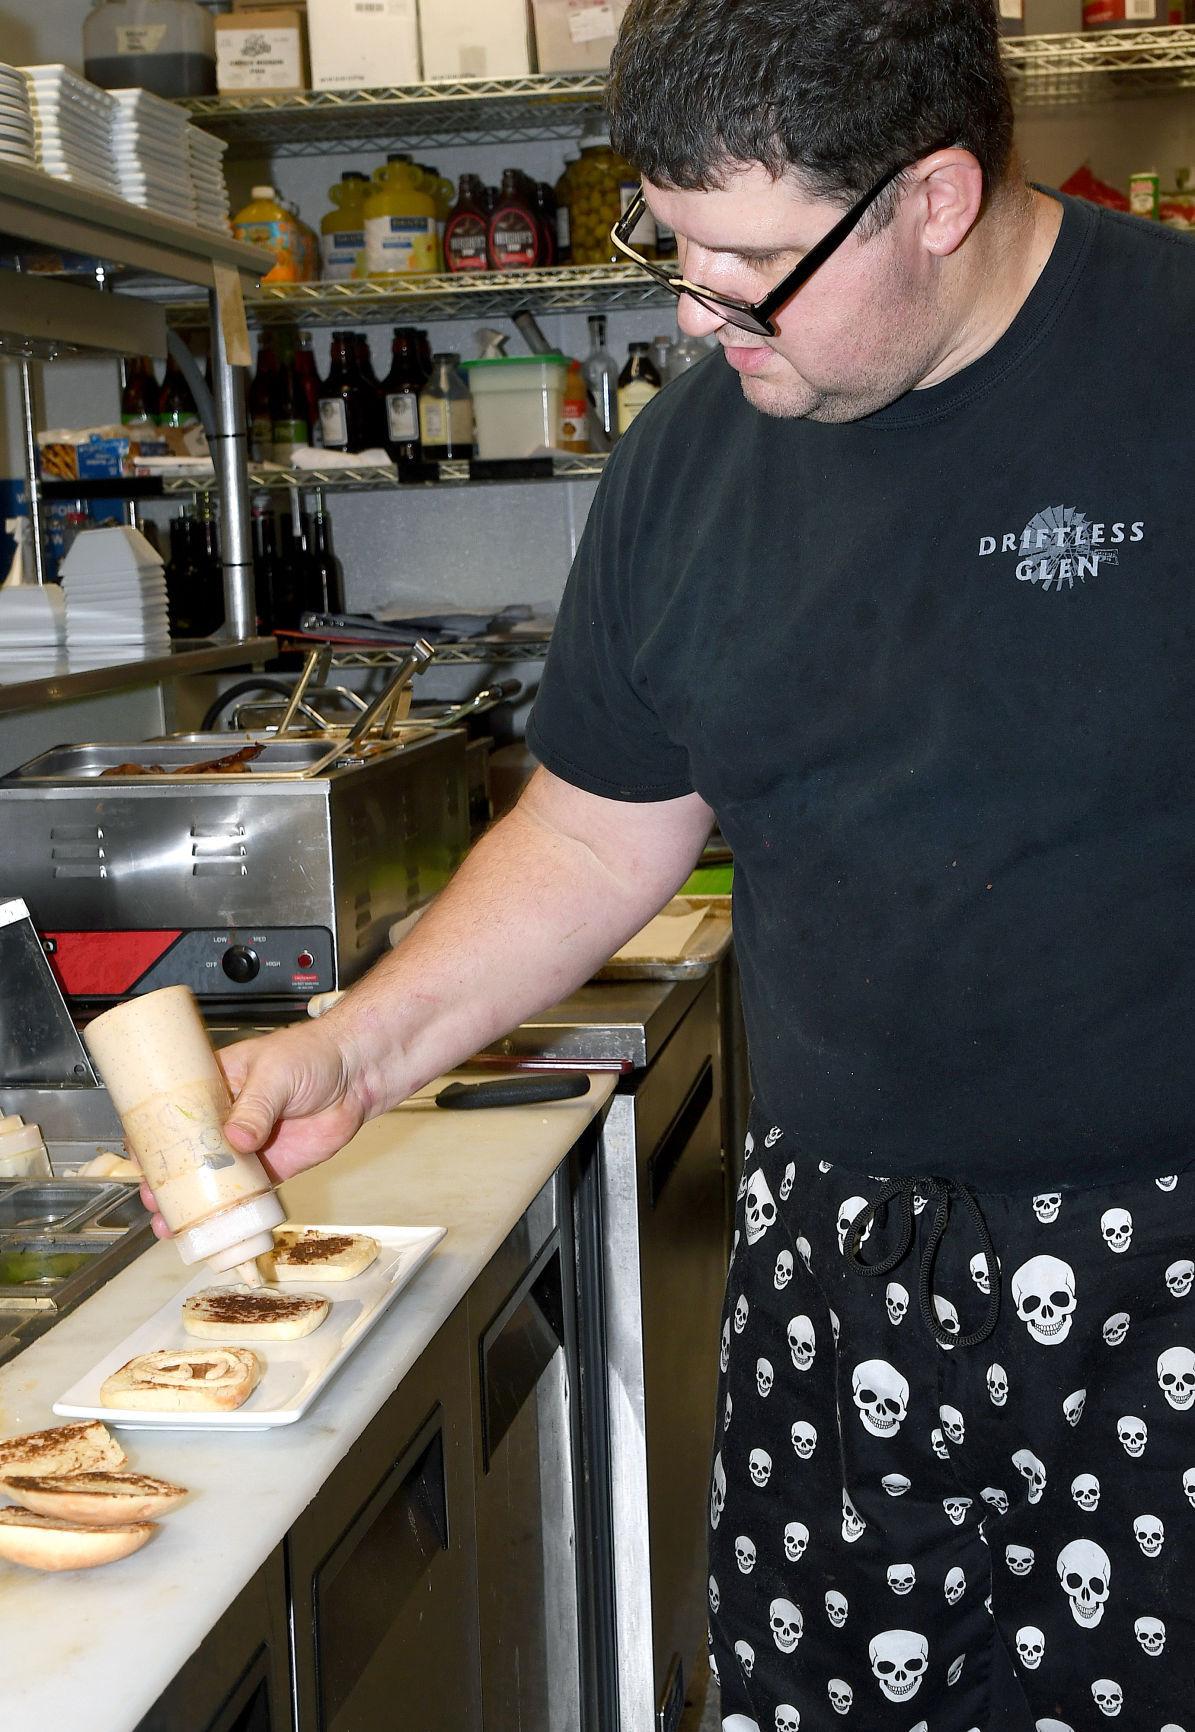 Driftless Glen Chef Dave Fronczek